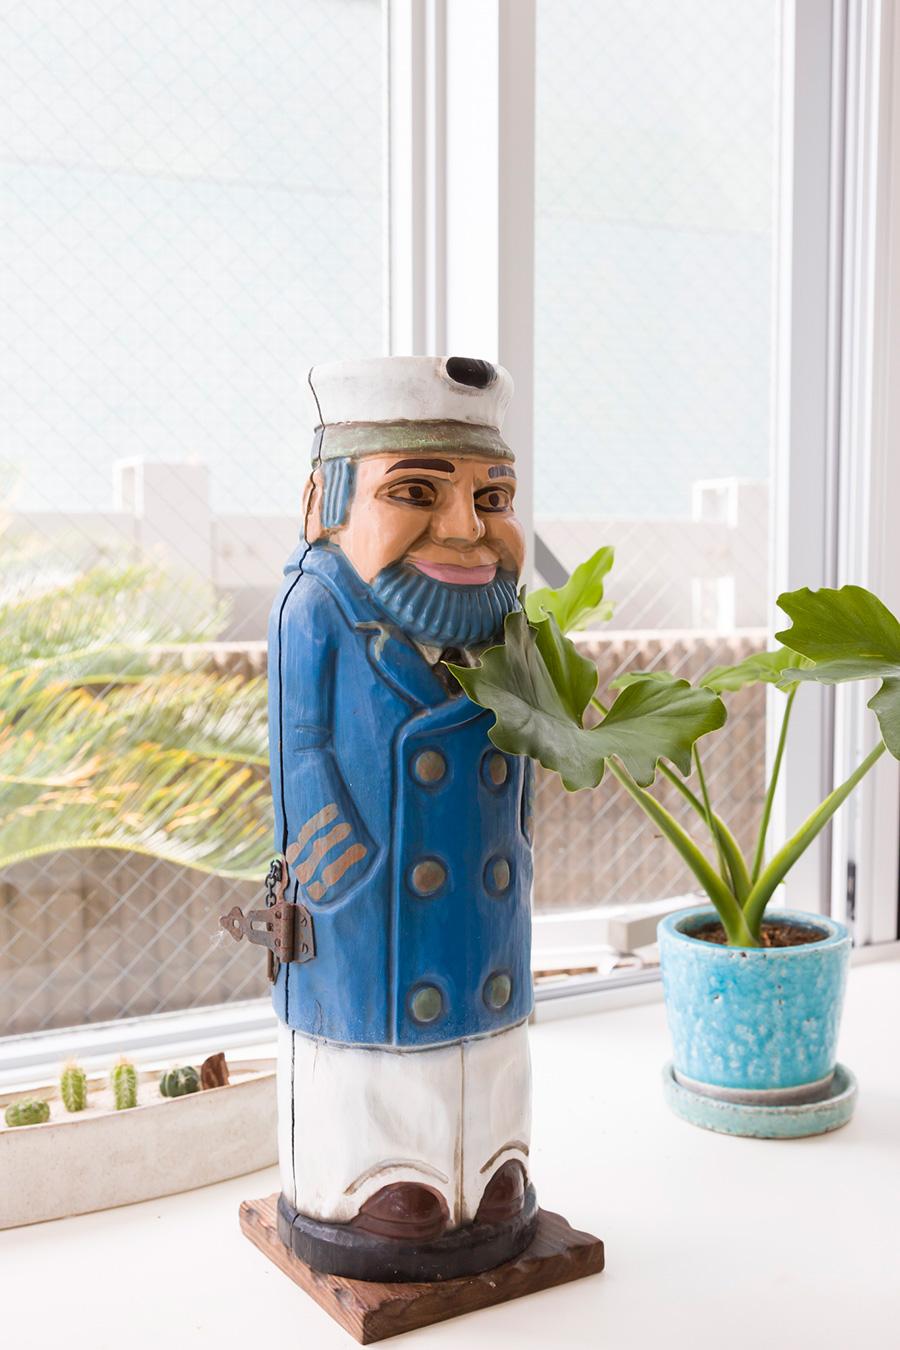 お父様が外廊下に飾っていた木彫りの船乗りの人形は、海の見える窓辺にお引越し。